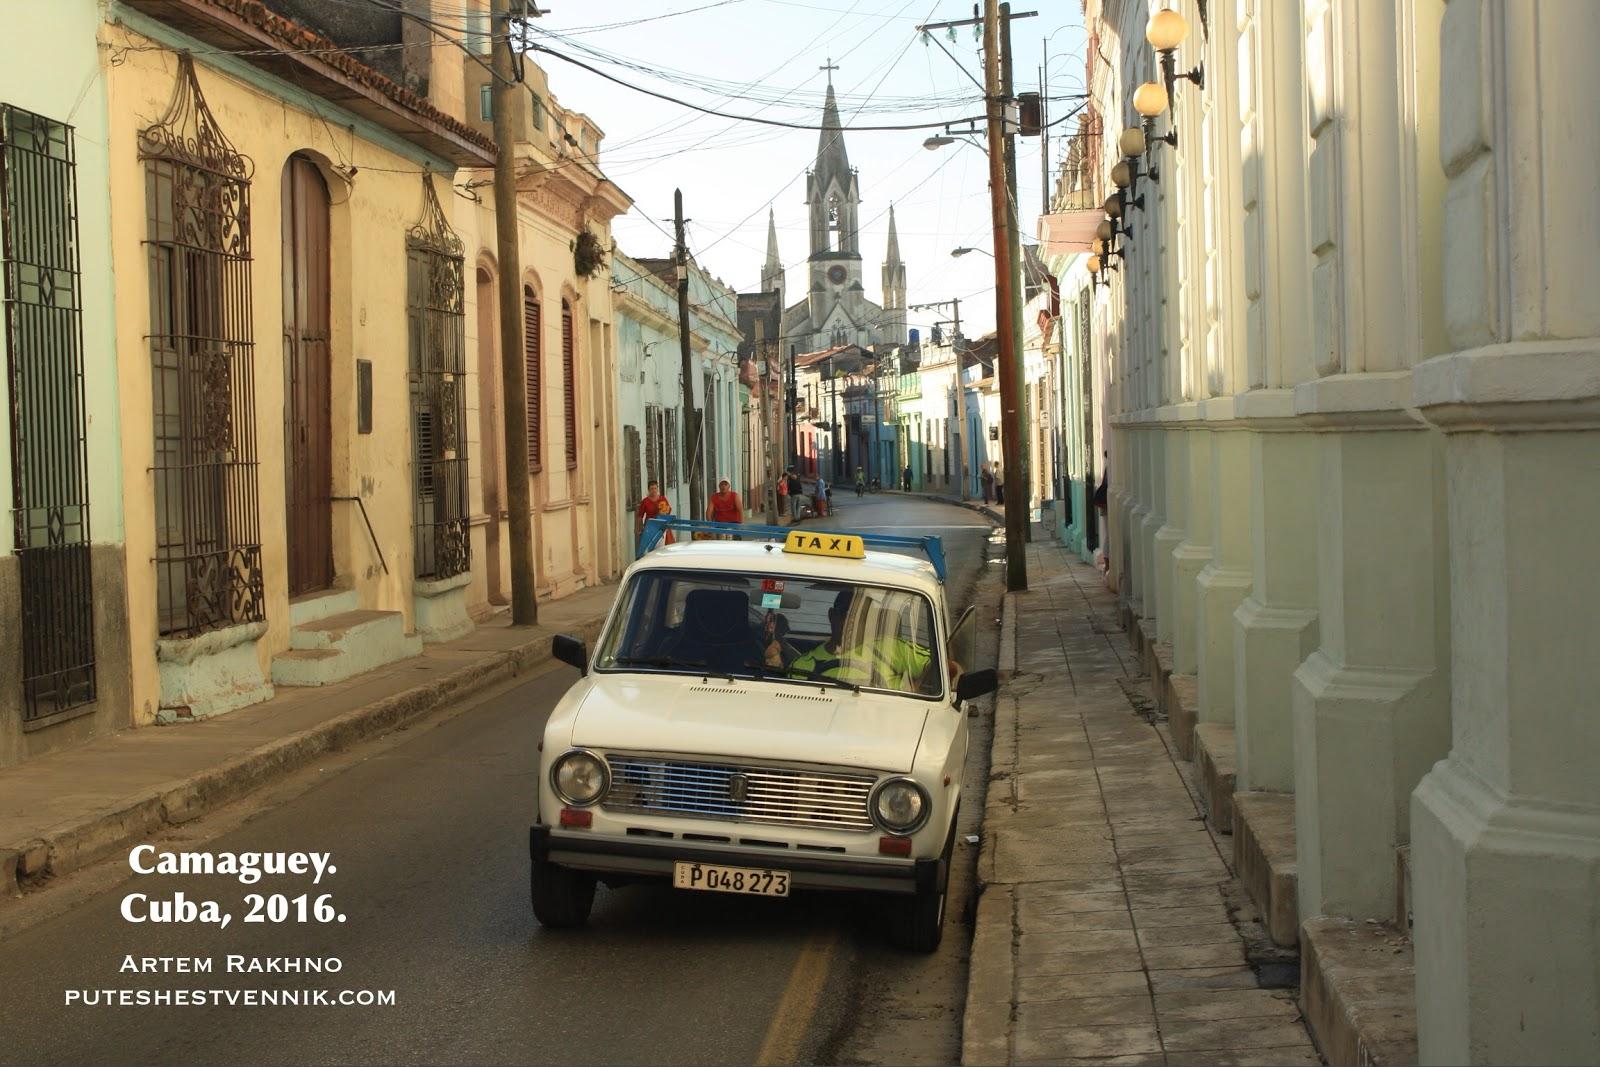 Русская машина в кубинском городе Камагуэй